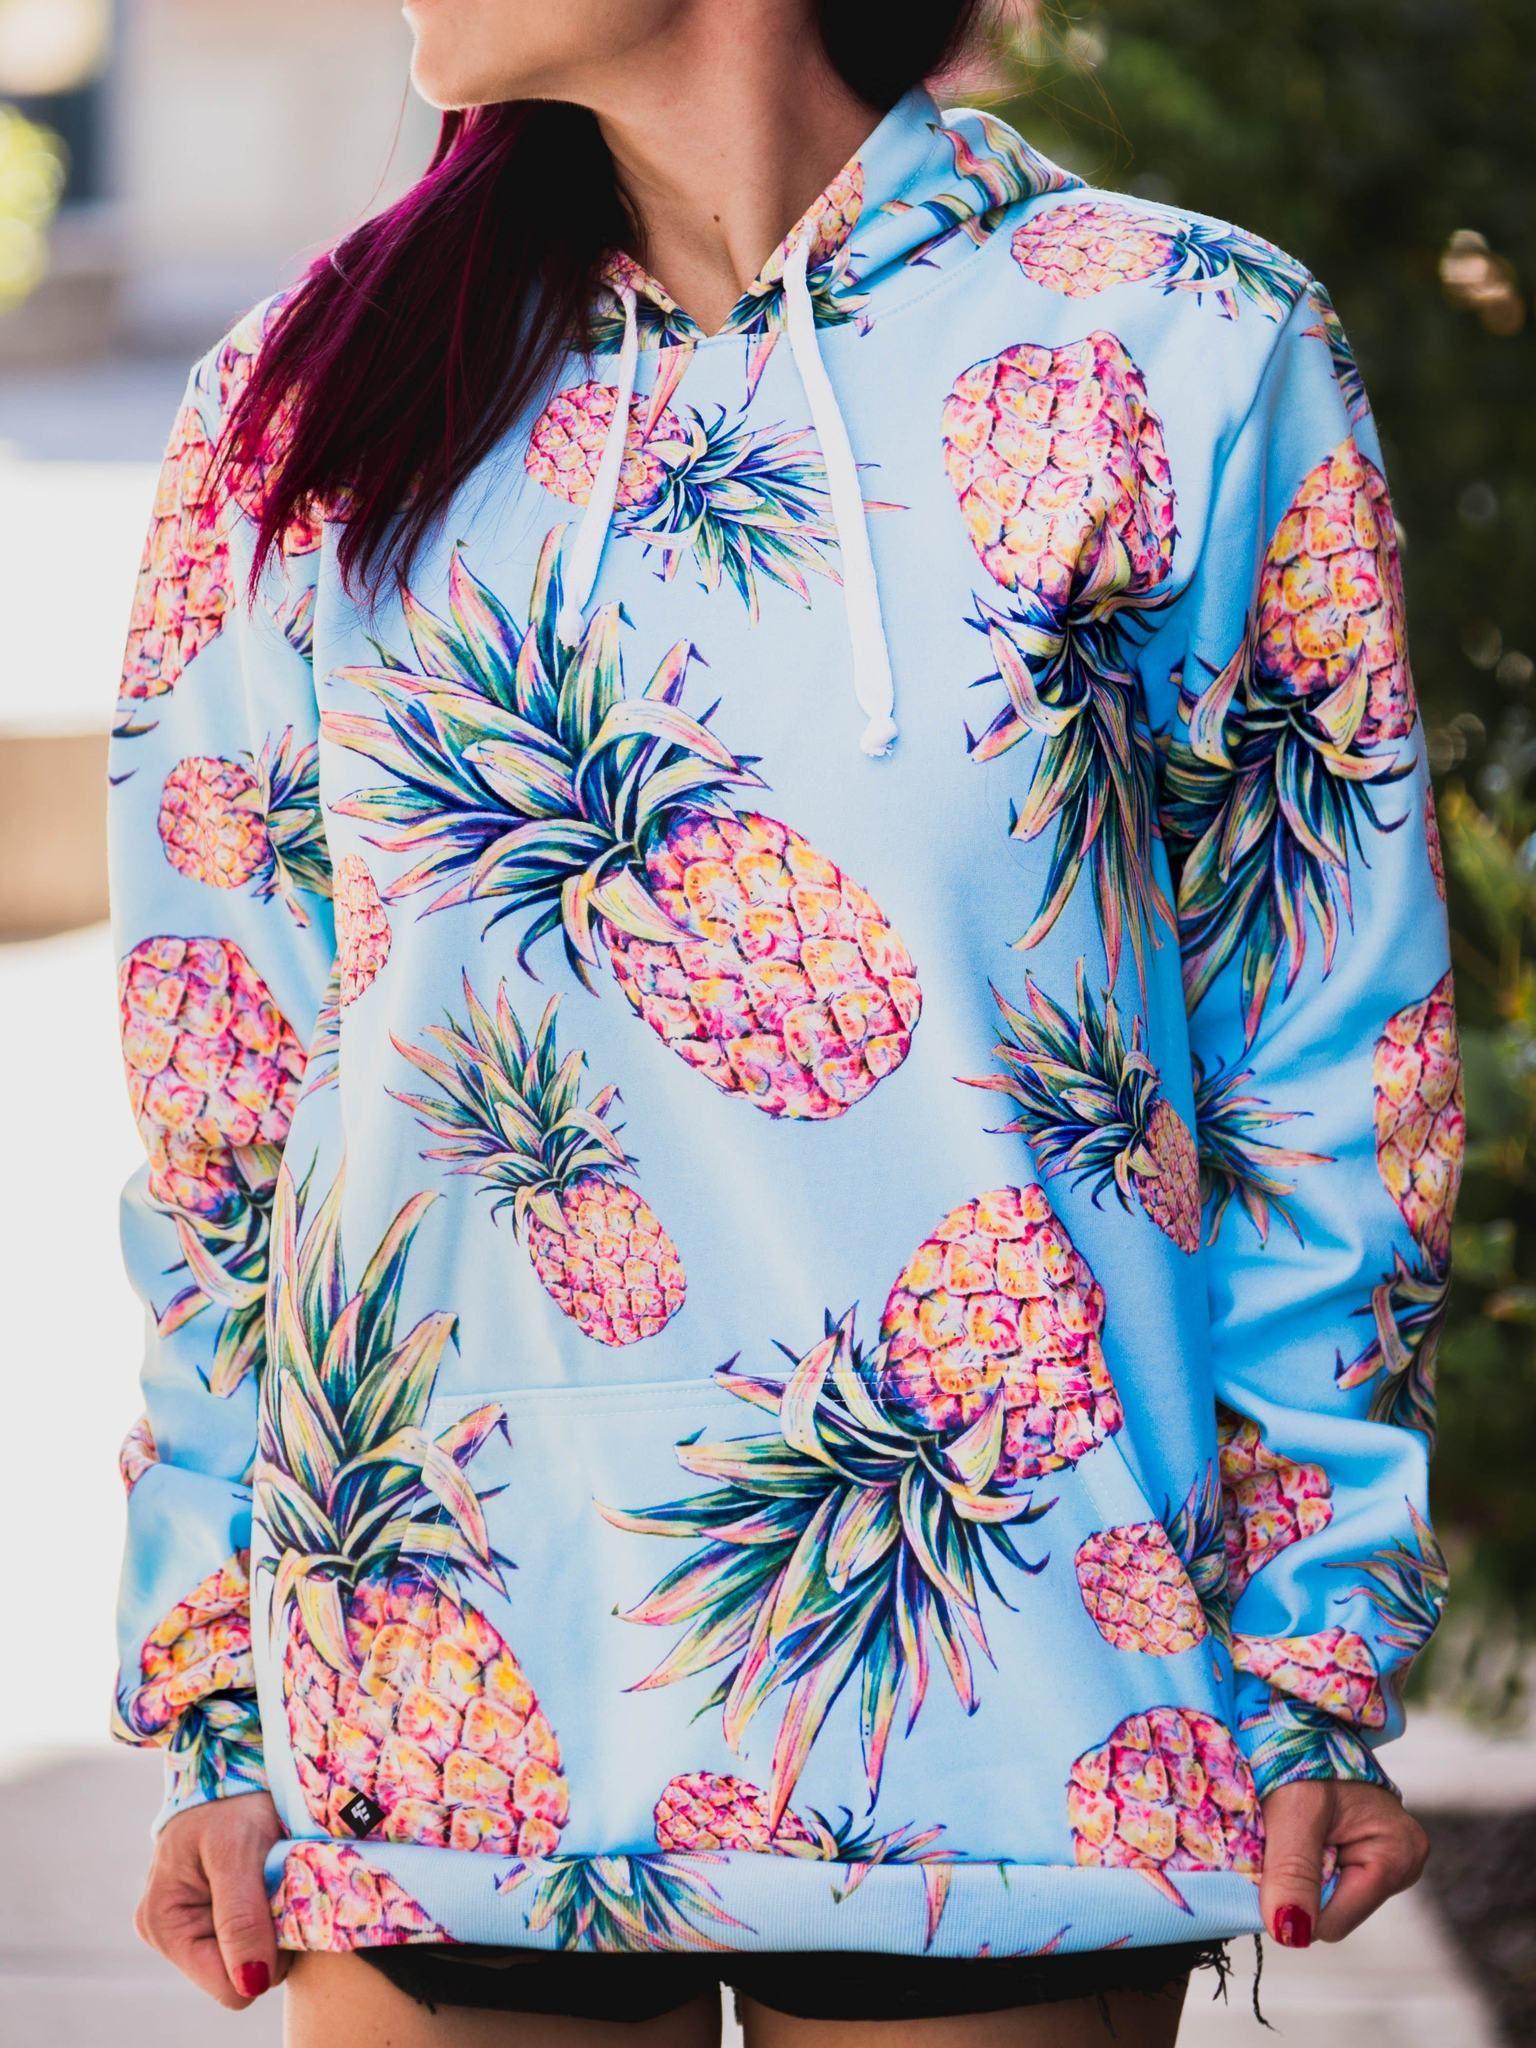 Pastel Pineapple Unisex Hoodie Unisex Hoodies Women Hoodies Sweatshirts Hoodies Womens [ 2048 x 1536 Pixel ]